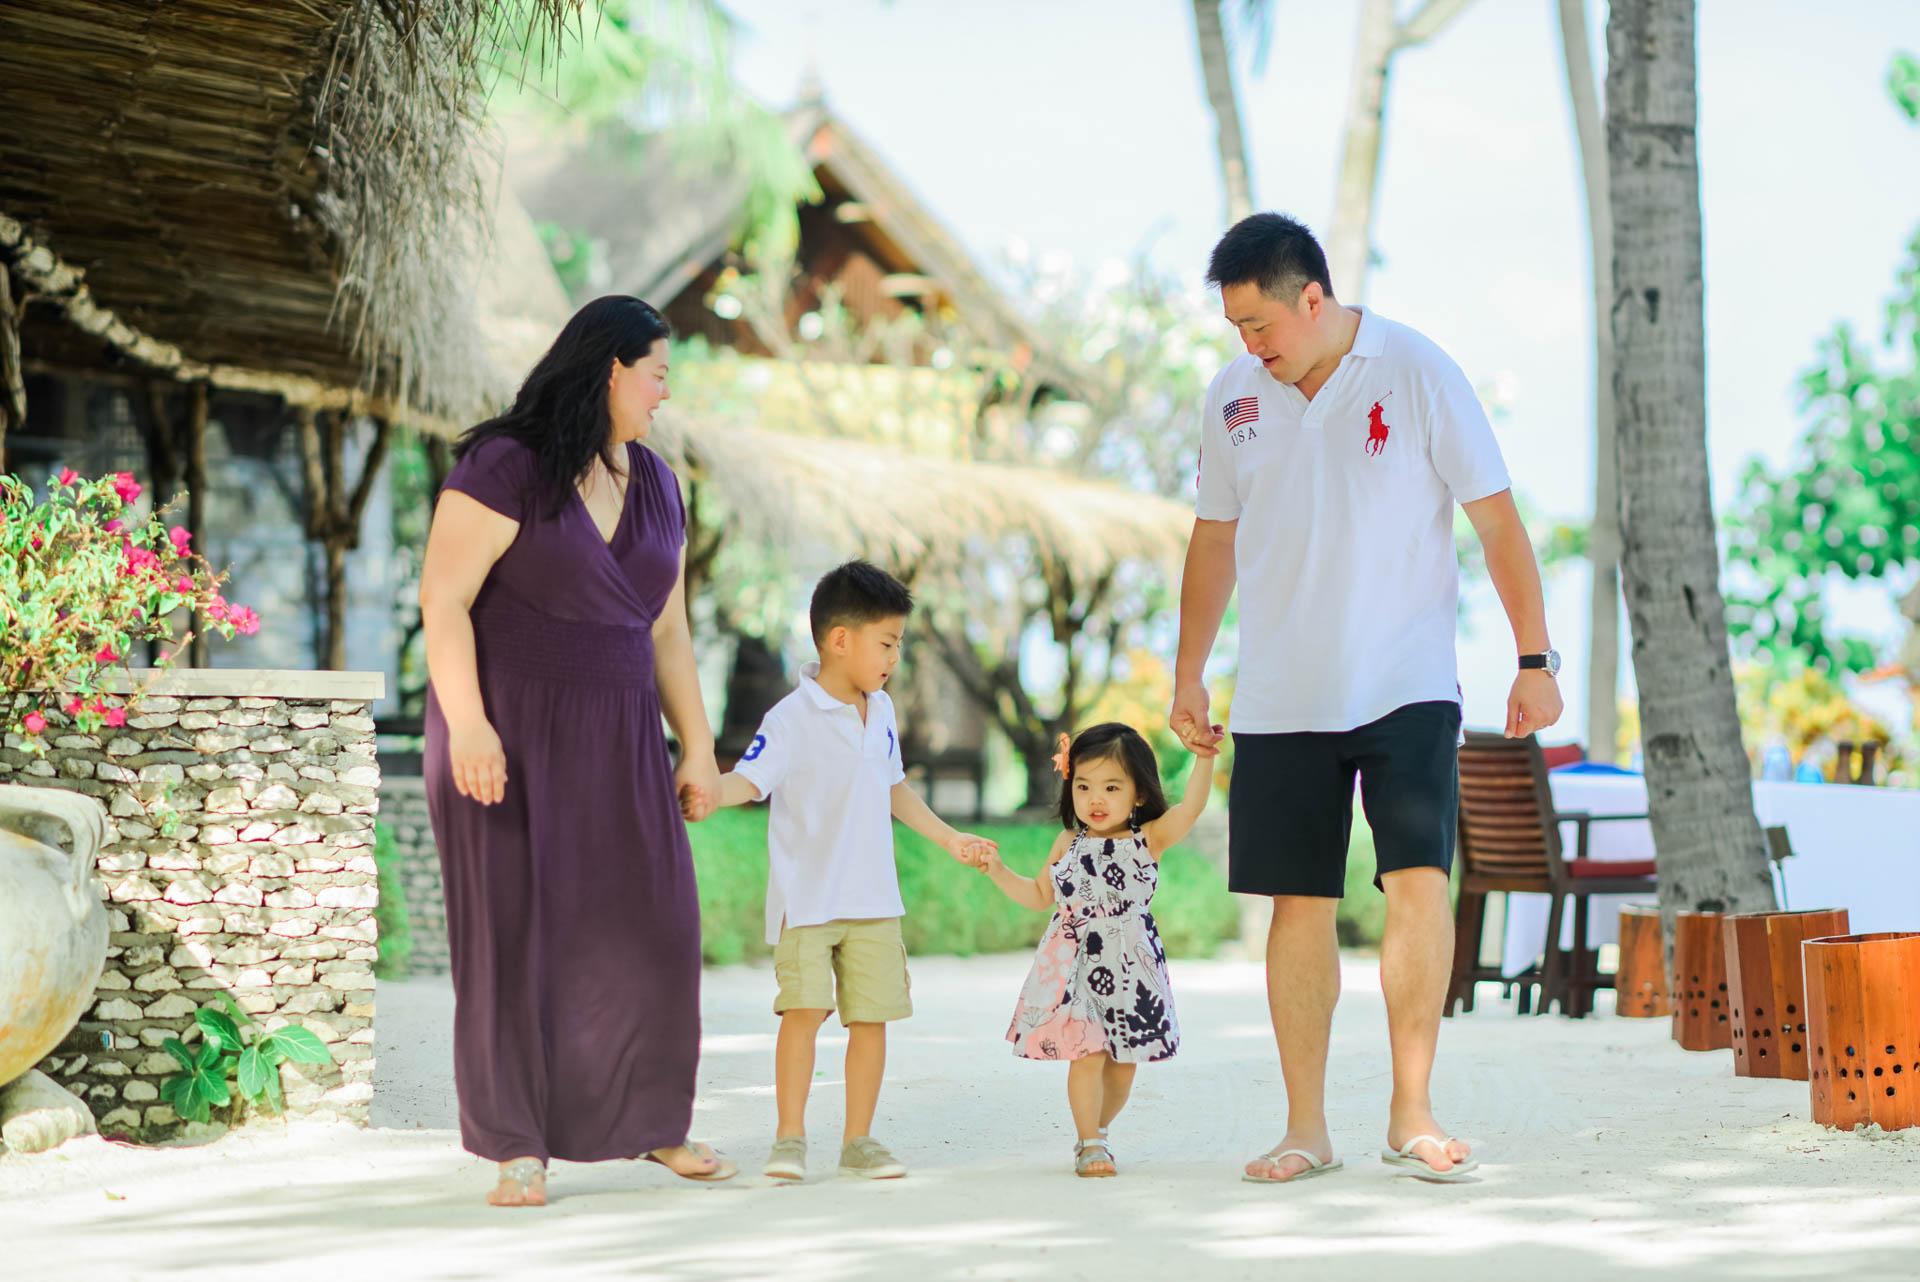 Rosa Family at Four seaons Maldives 19